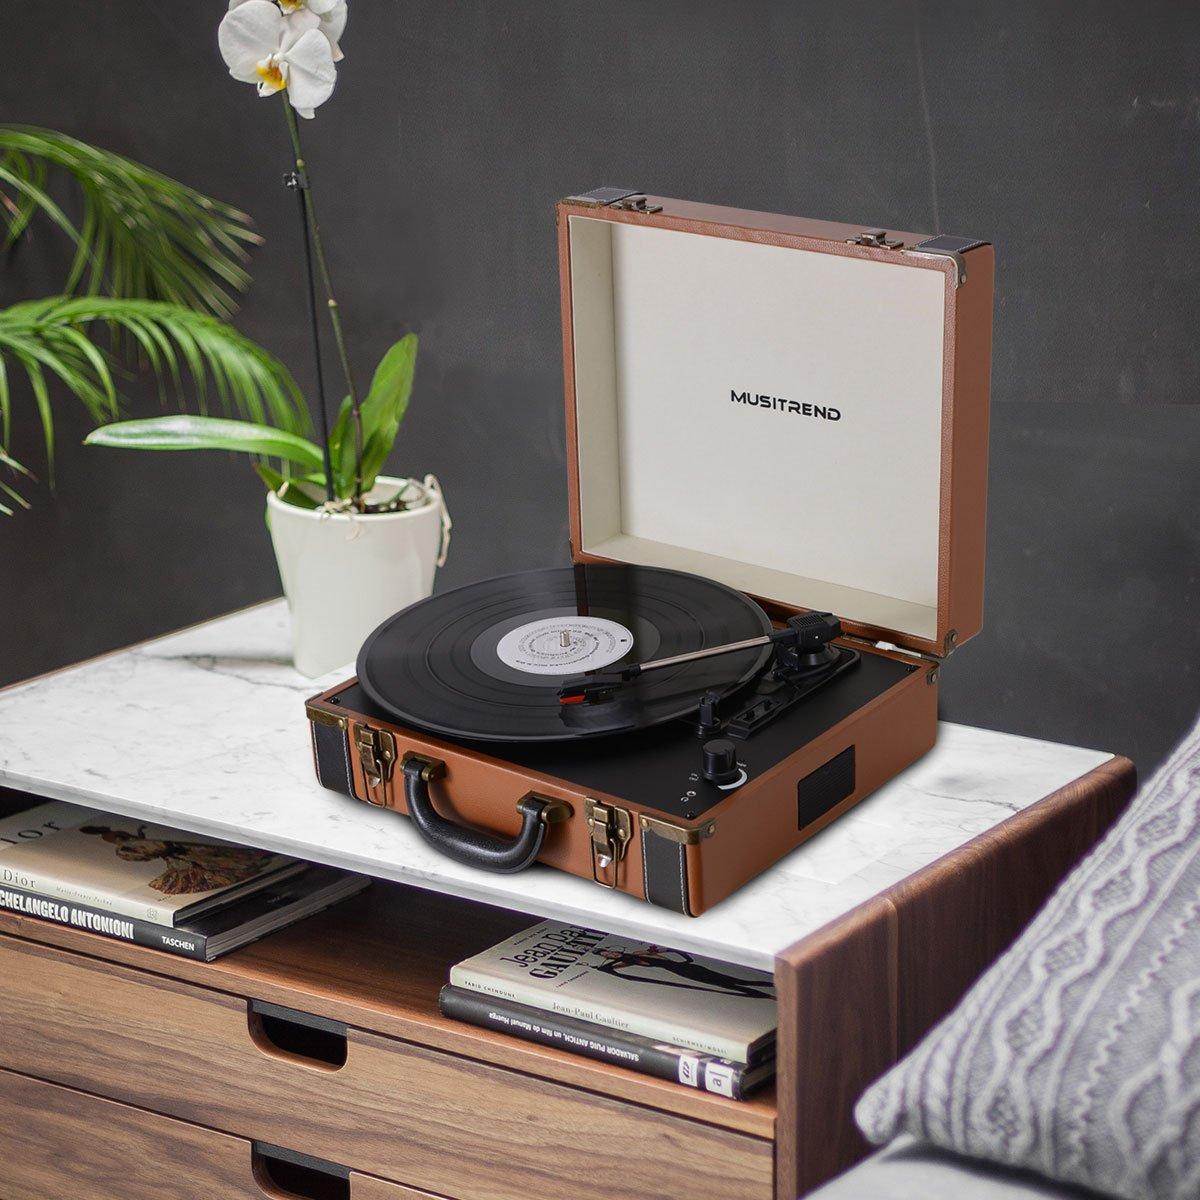 MUSITREND Tocadiscos 33/45/78 RPM, Maleta Portátil con 2 Altavoces Integrados, con RCA, Auriculares y Line in Montado, Marrón & Negro